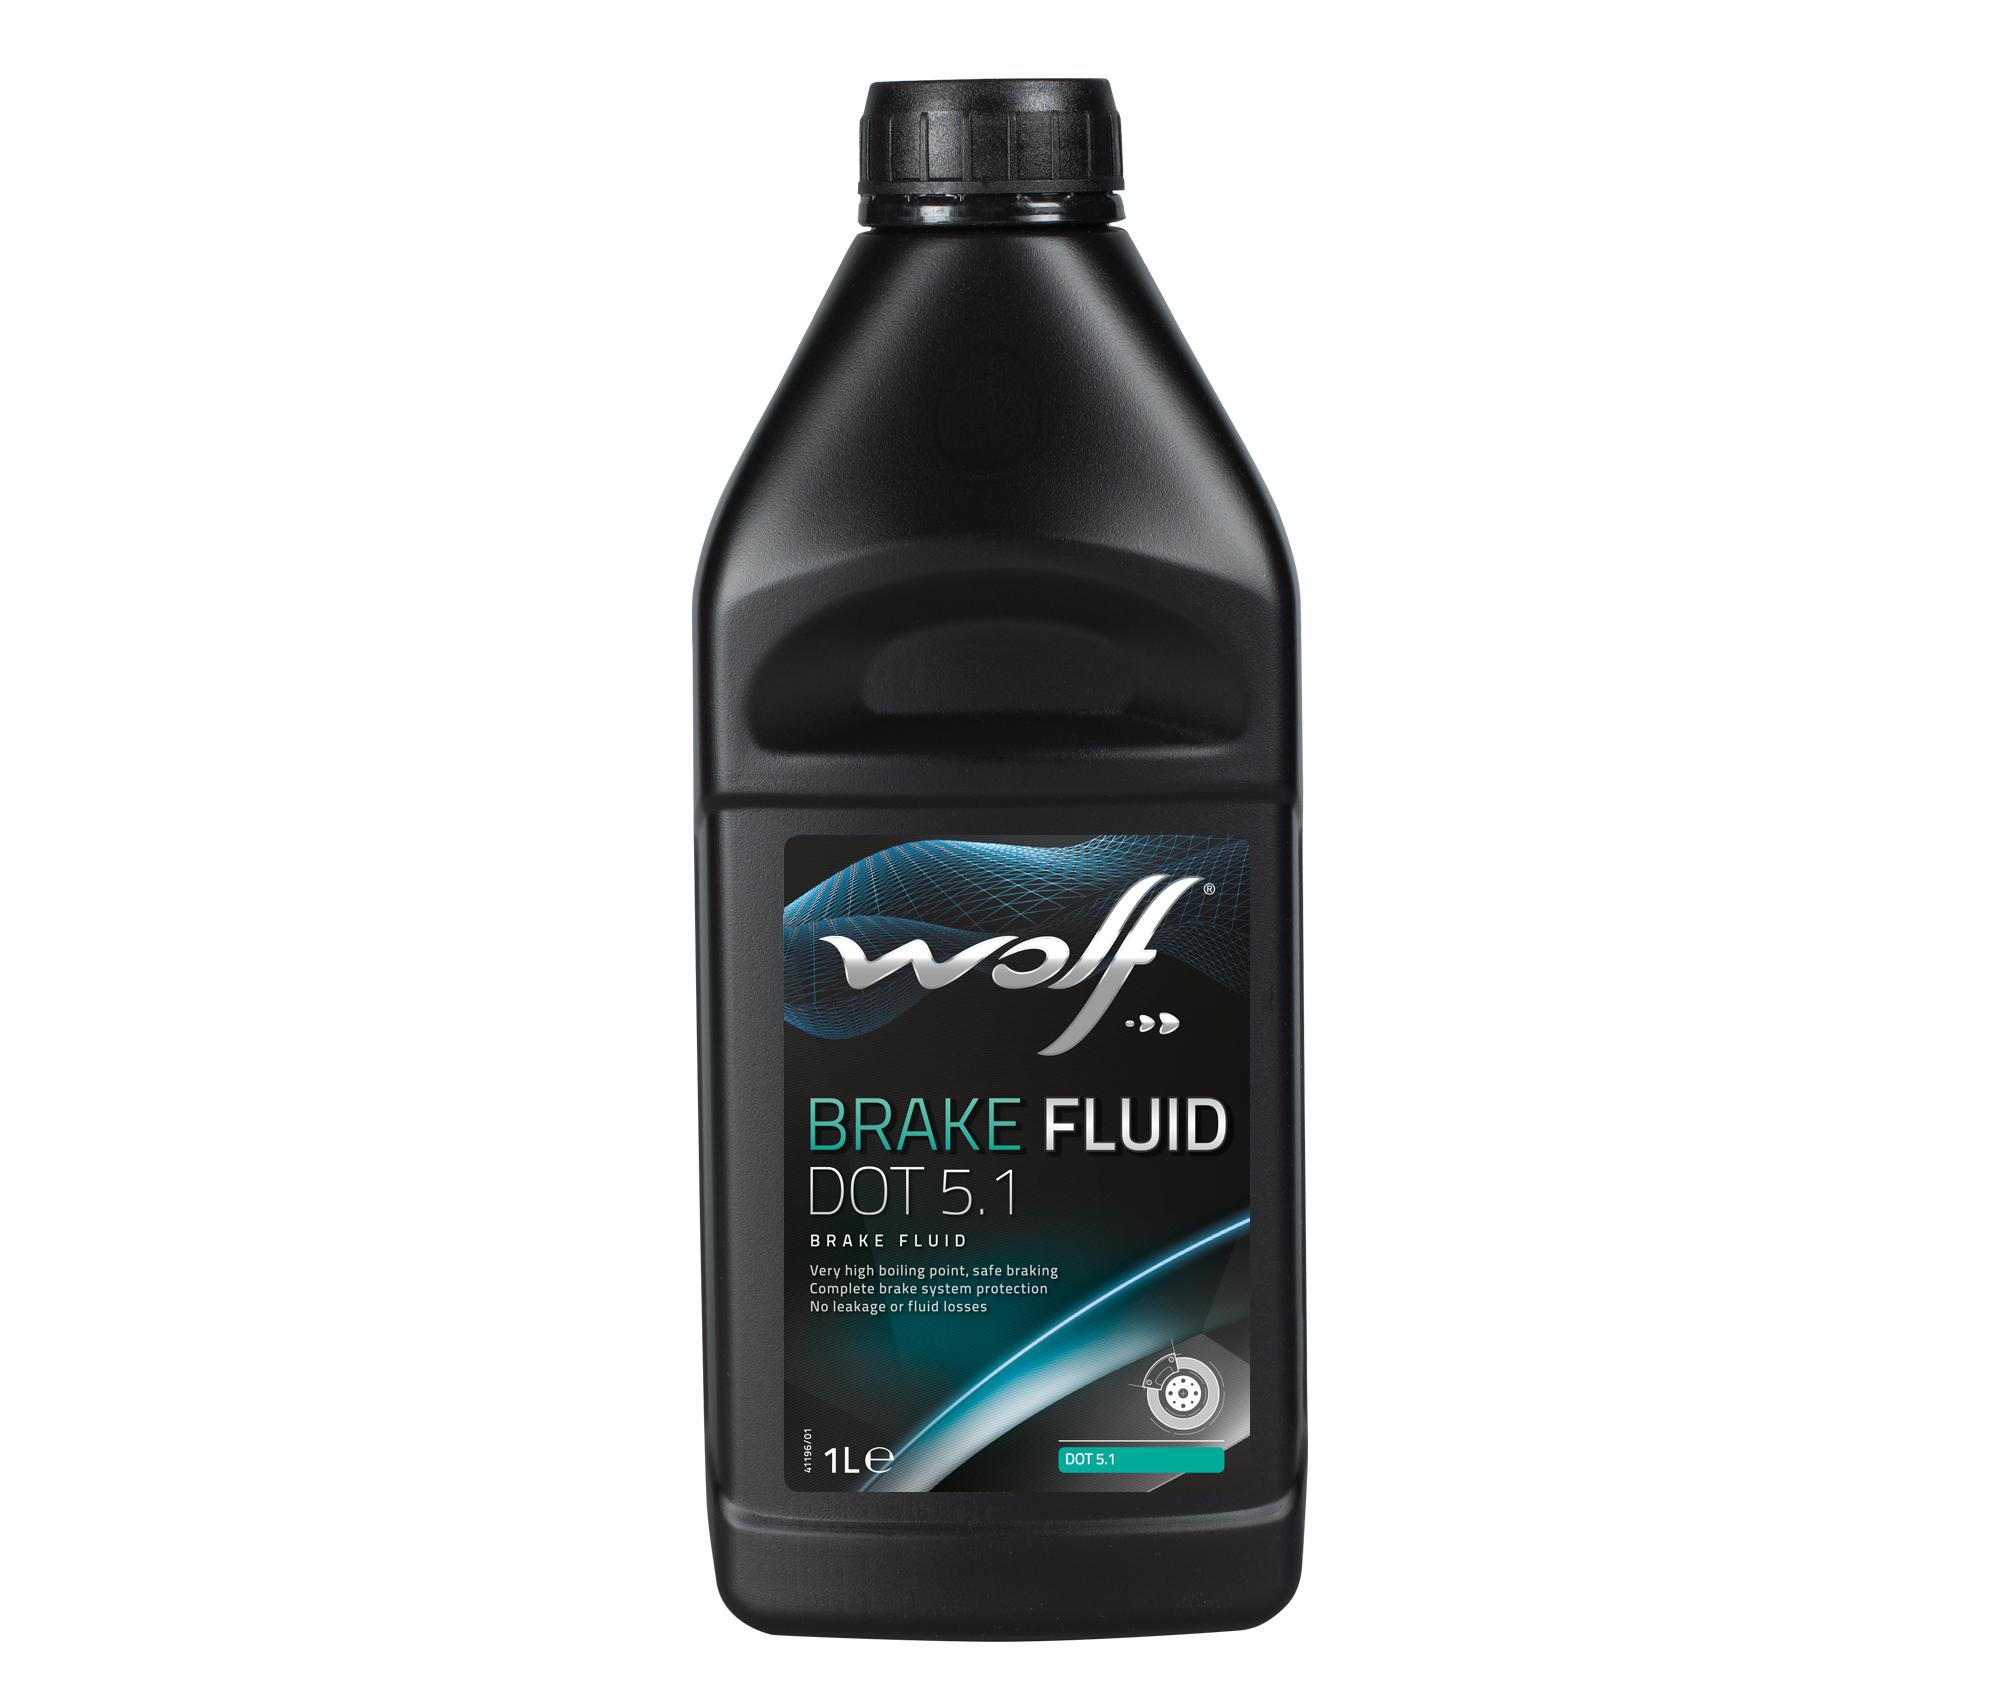 Lichid de frana WOLF BRAKE FLUID DOT 5.1 1L